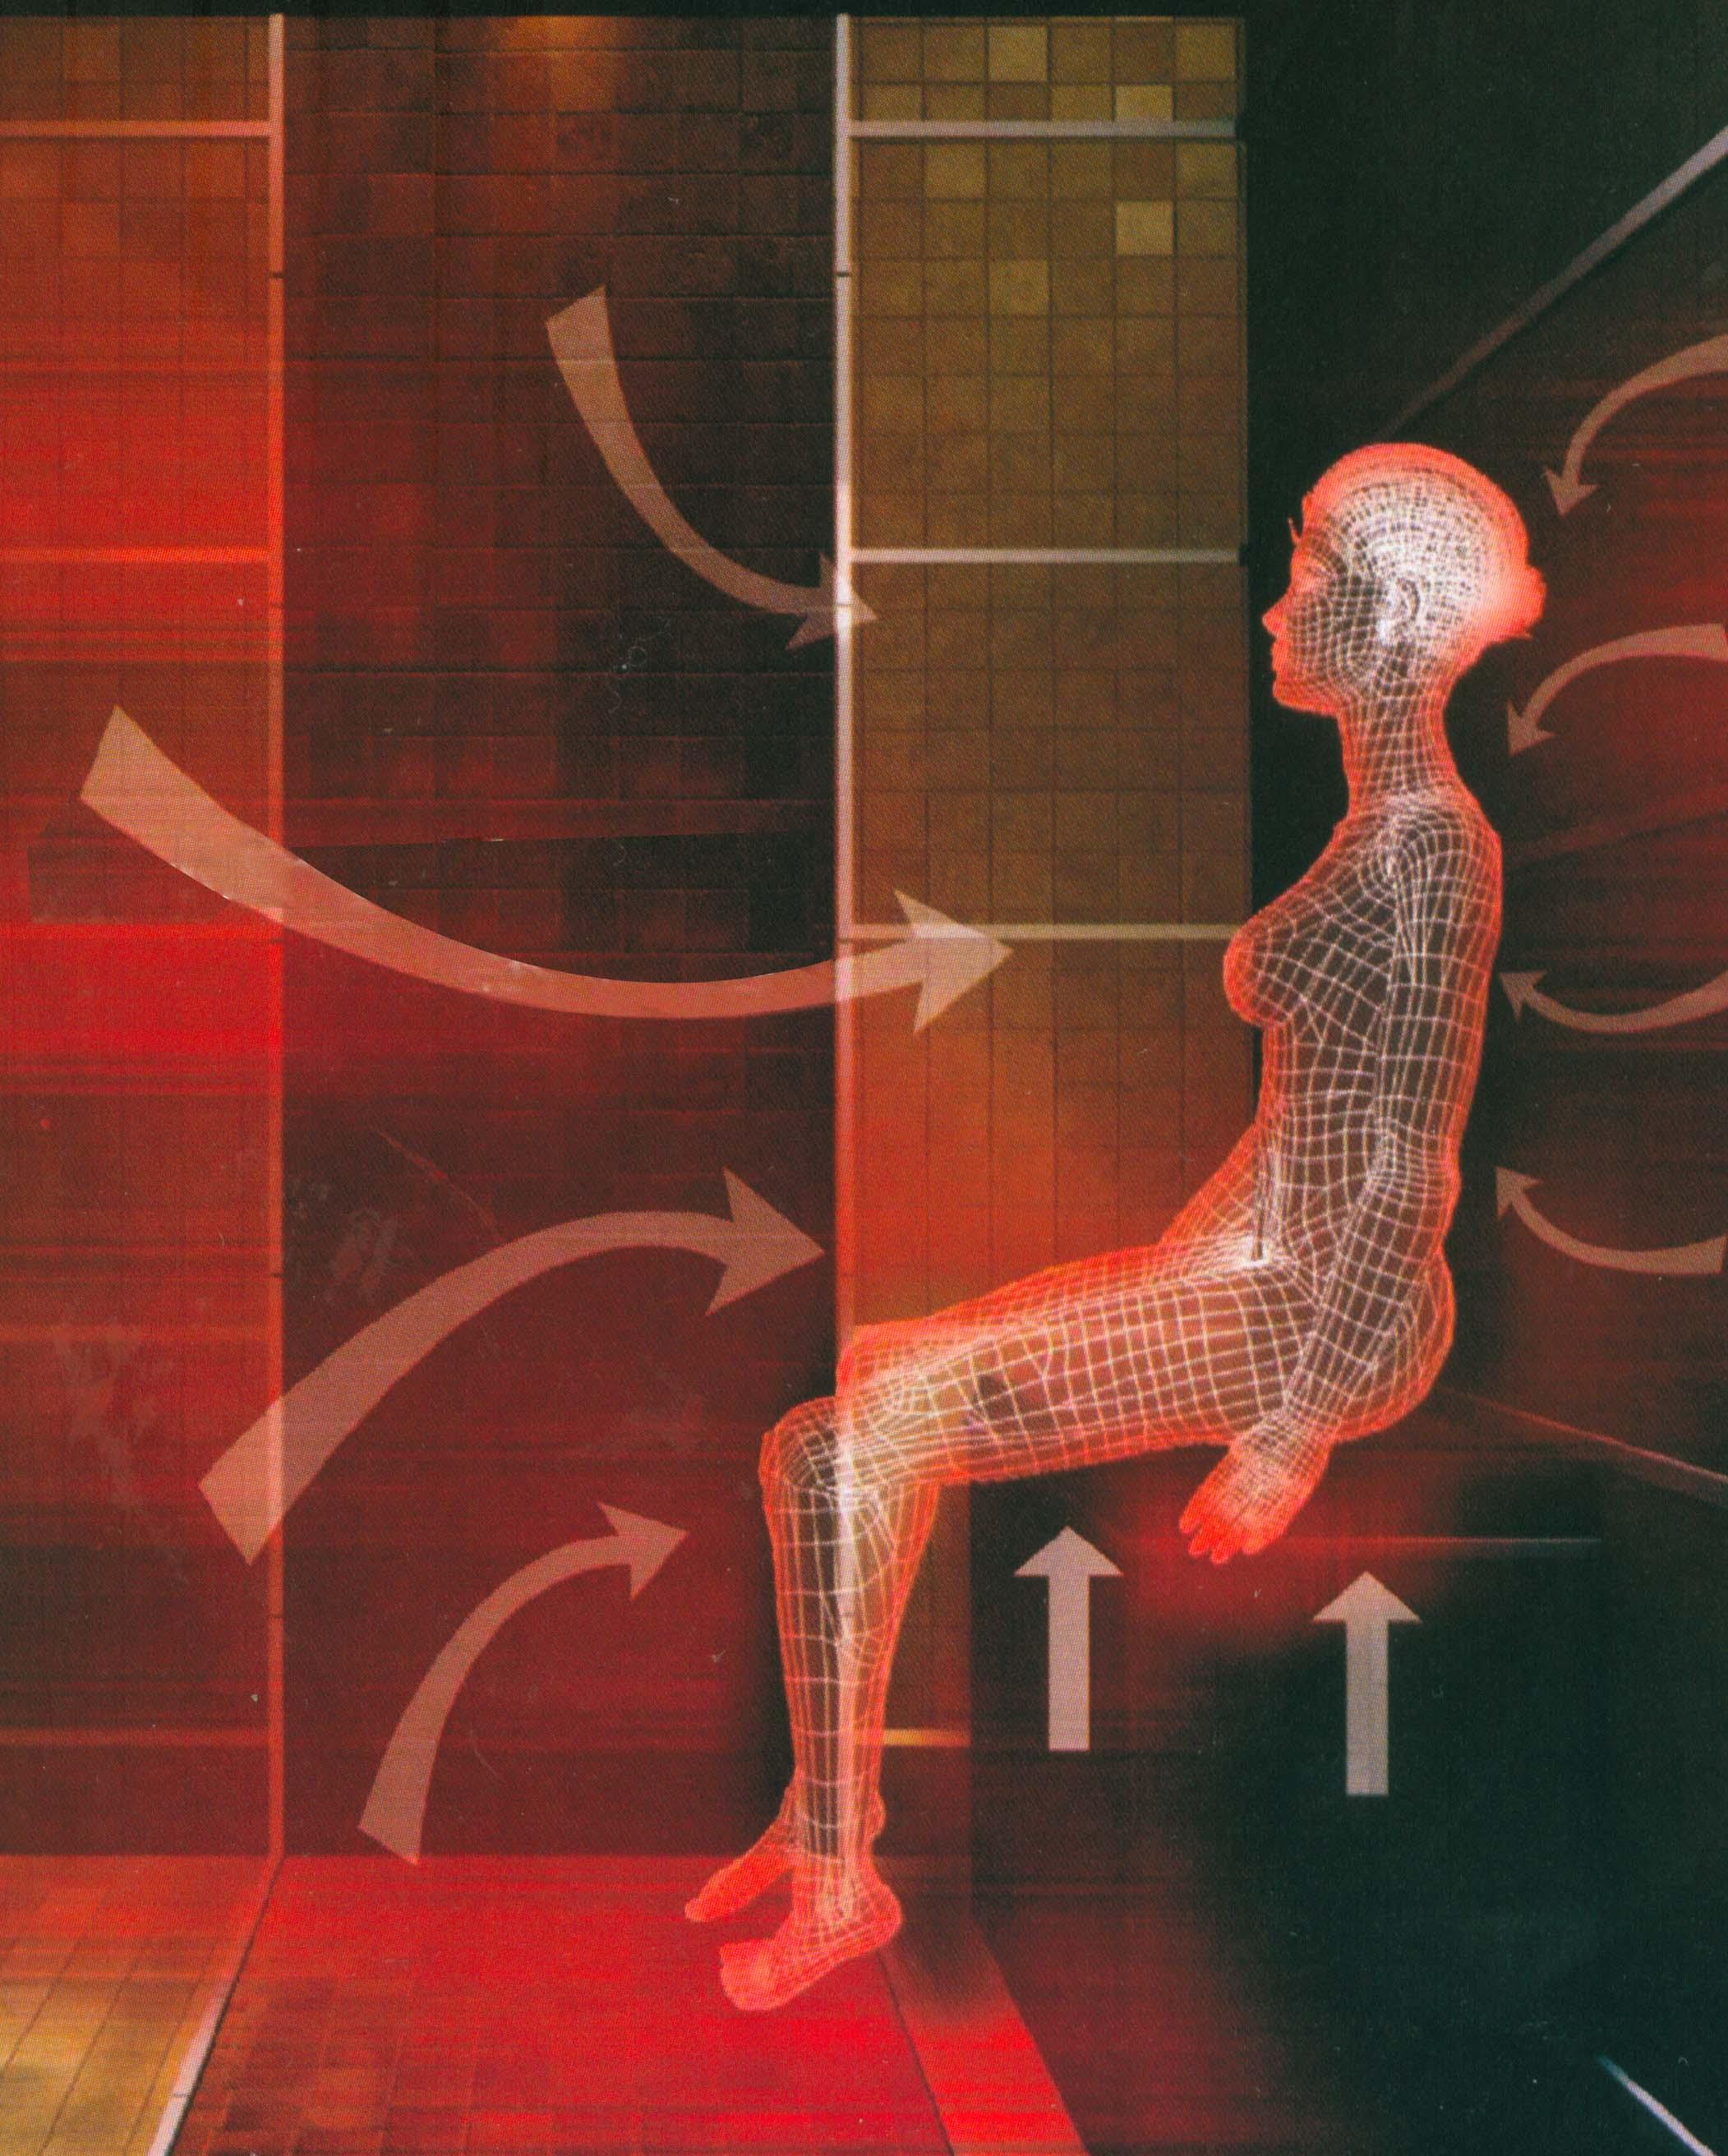 Инфракрасная сауна нагревает вас изнутри, впрочем,  ученые утверждают, что это безопасно для здоровья